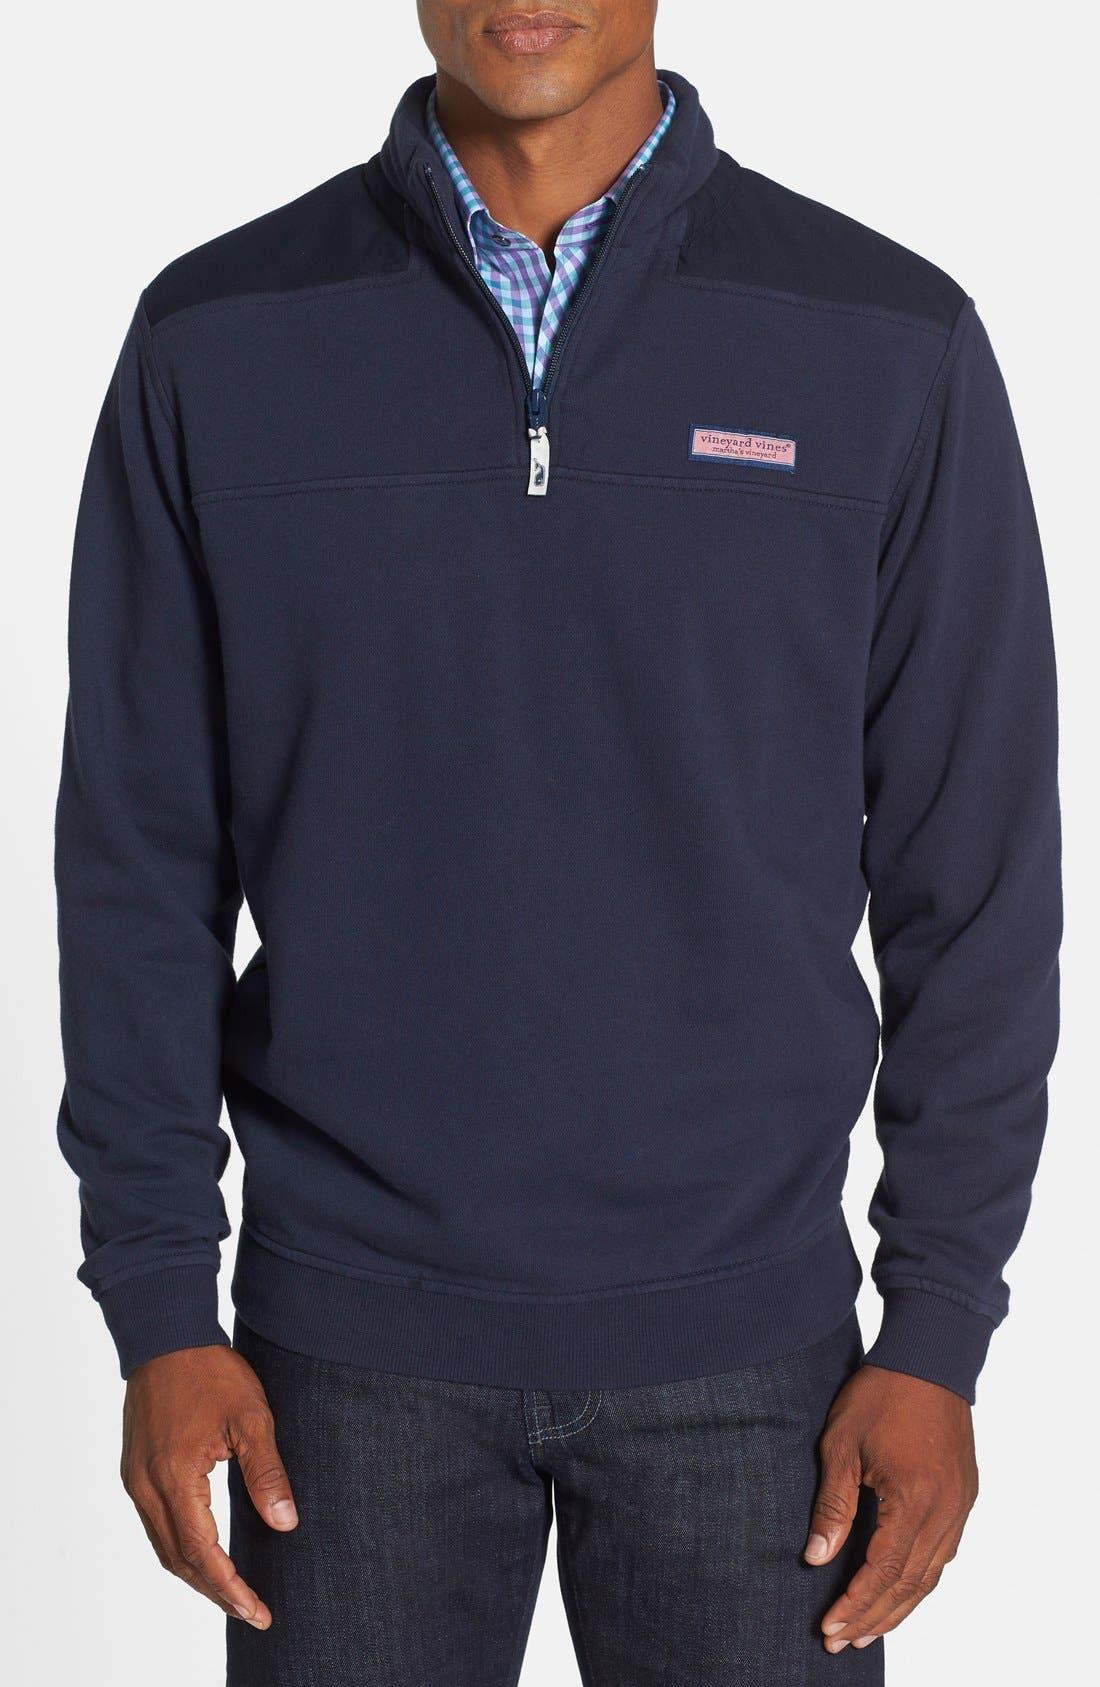 vineyard vines Shep Quarter Zip Pullover Sweatshirt